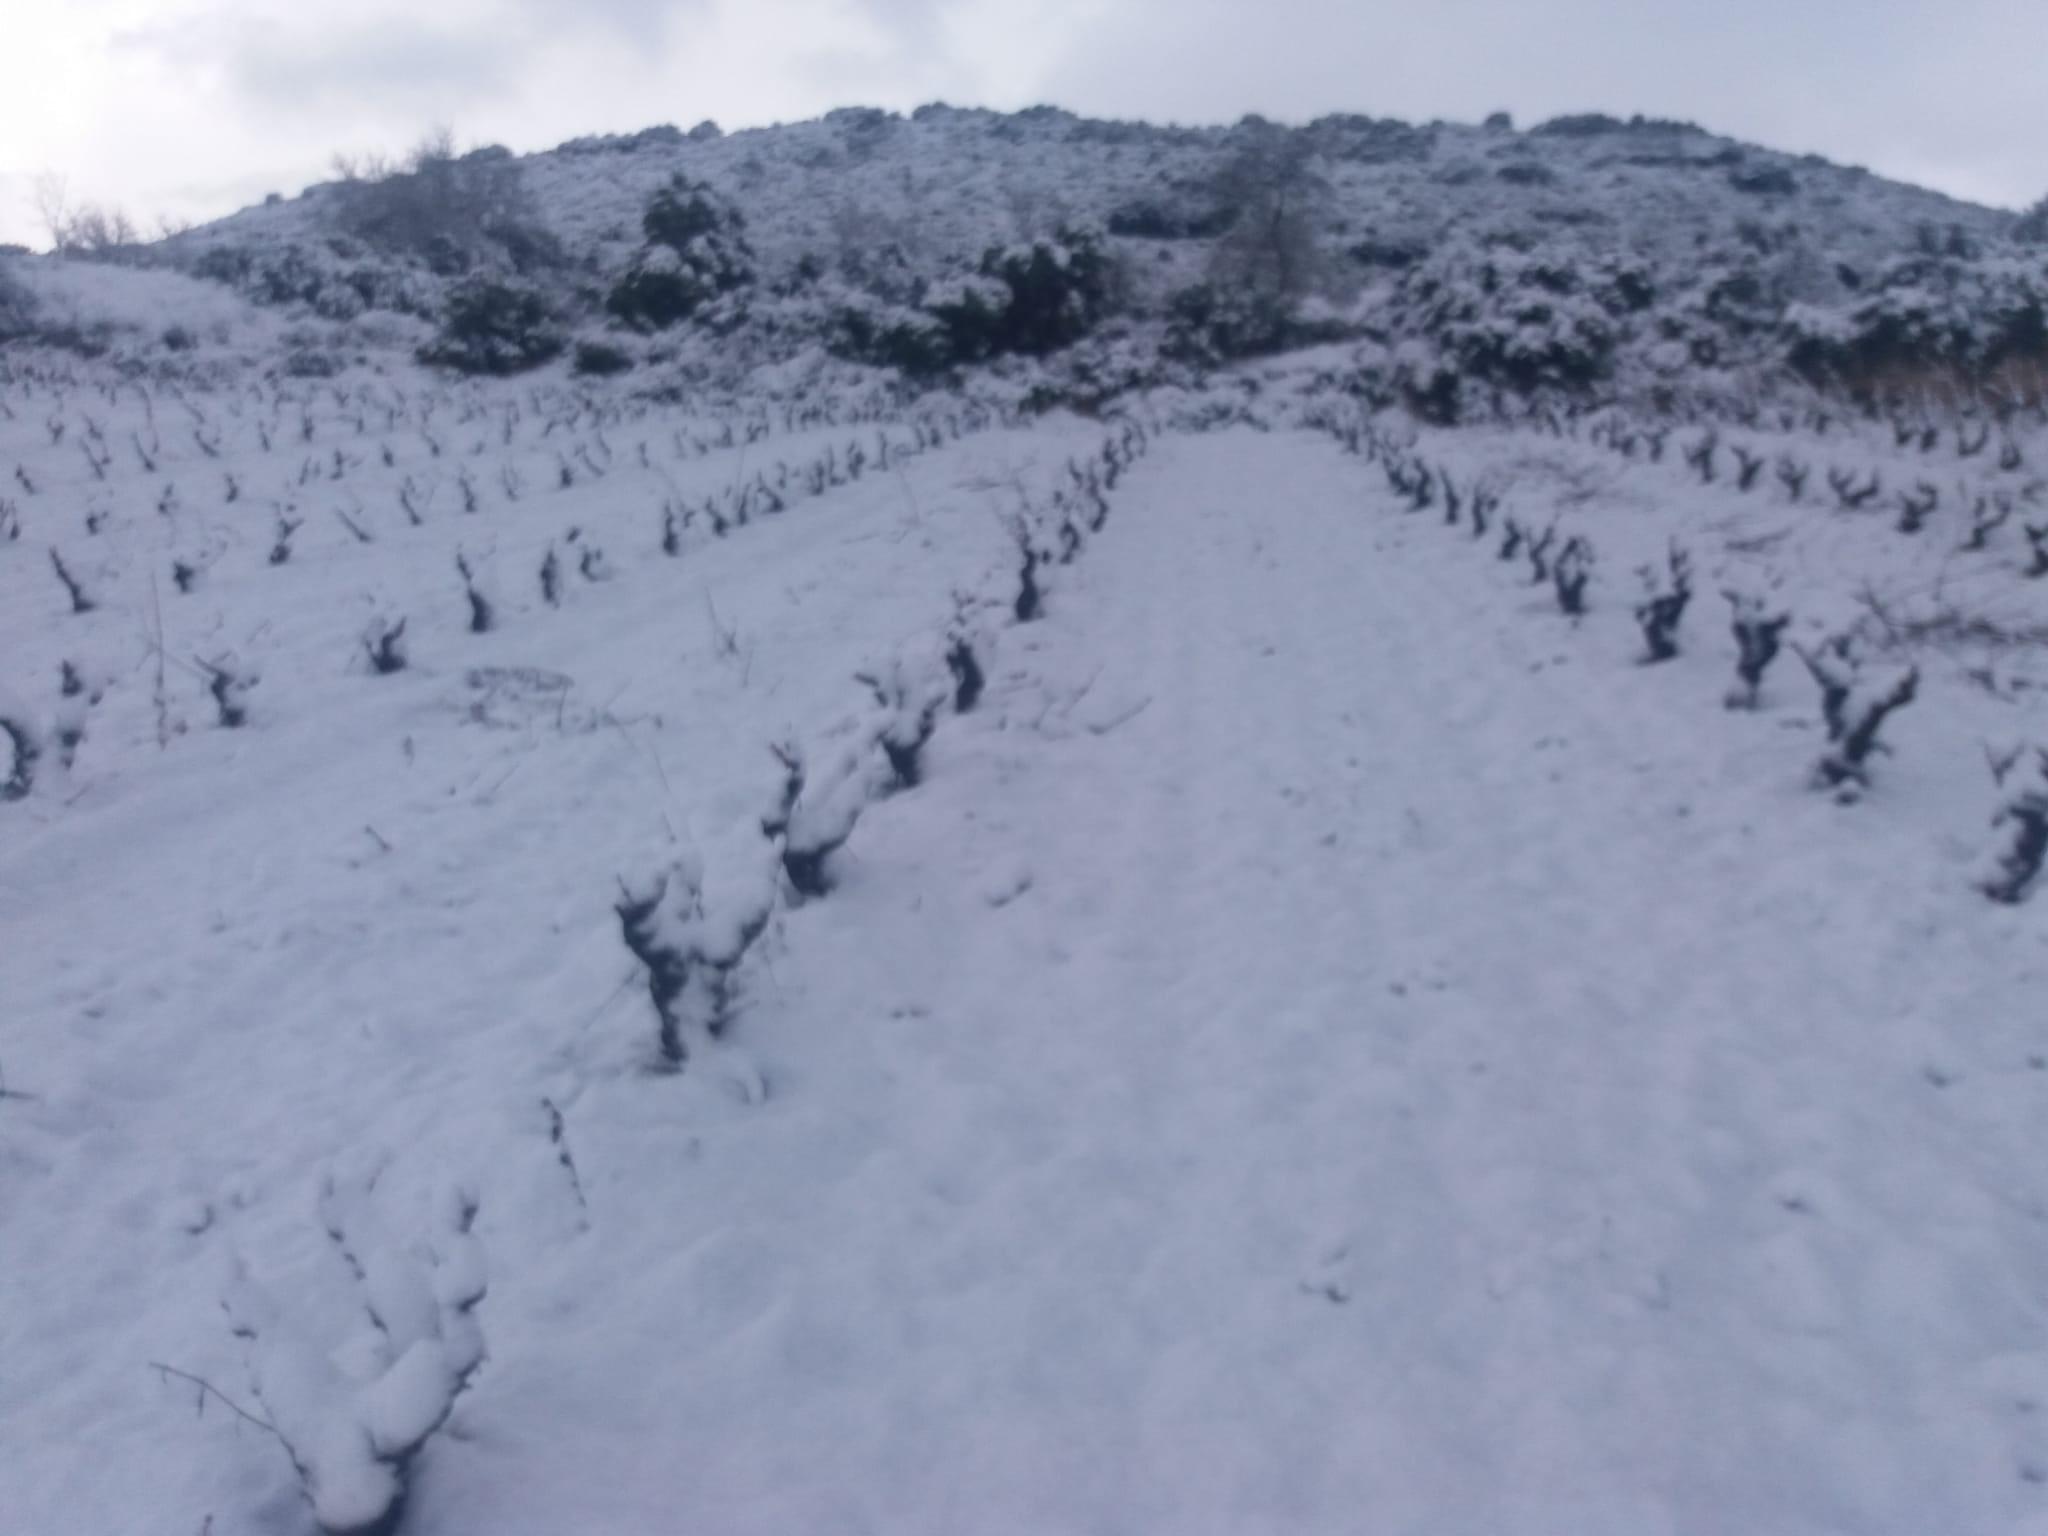 viñedo valdelacierva rioja nevado beneficios de la nieva